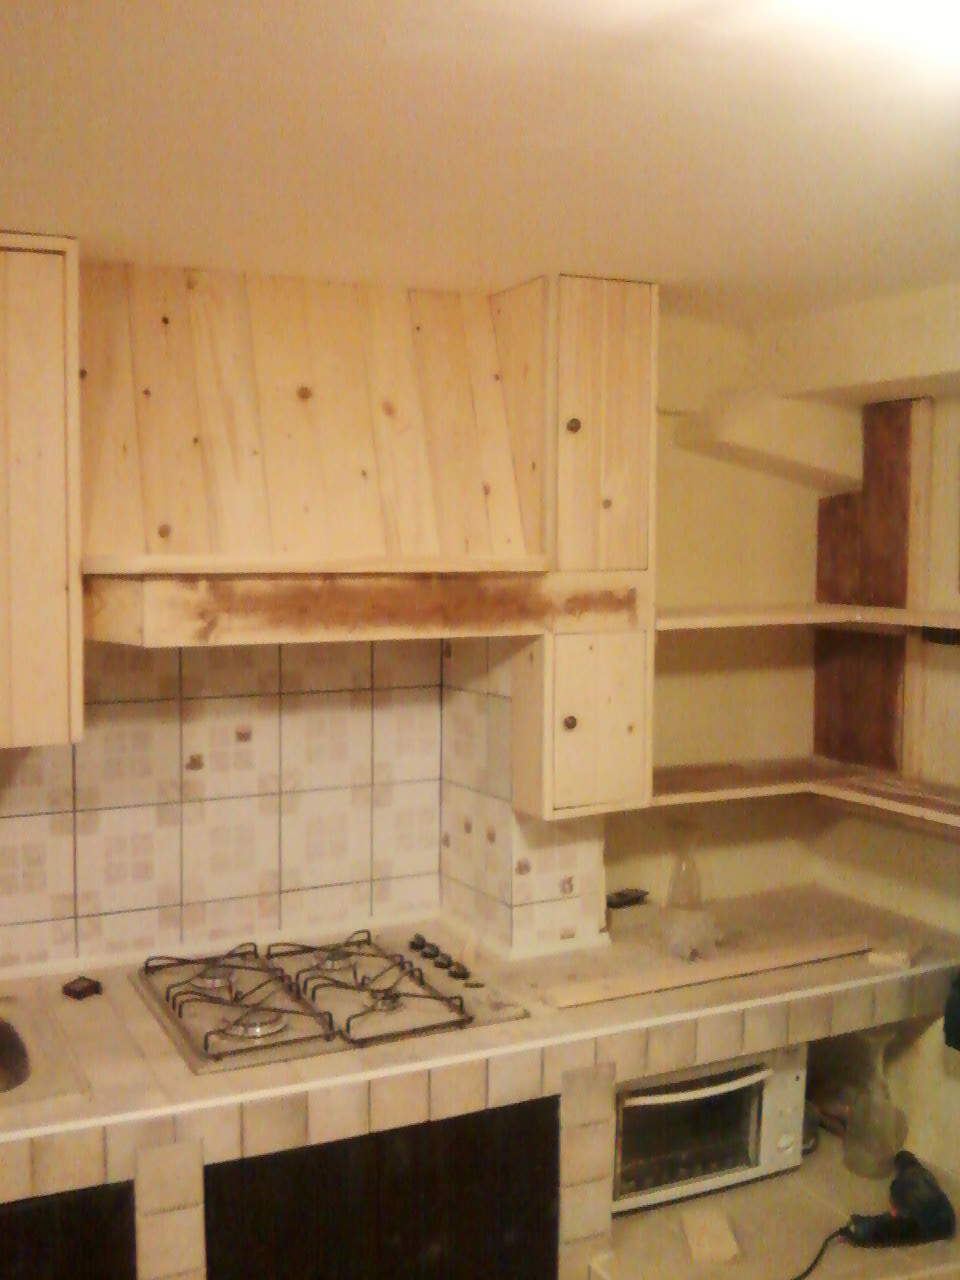 Mie soluzioni pensili per cucina in muratura - Mobili per cucine in muratura fai da te ...